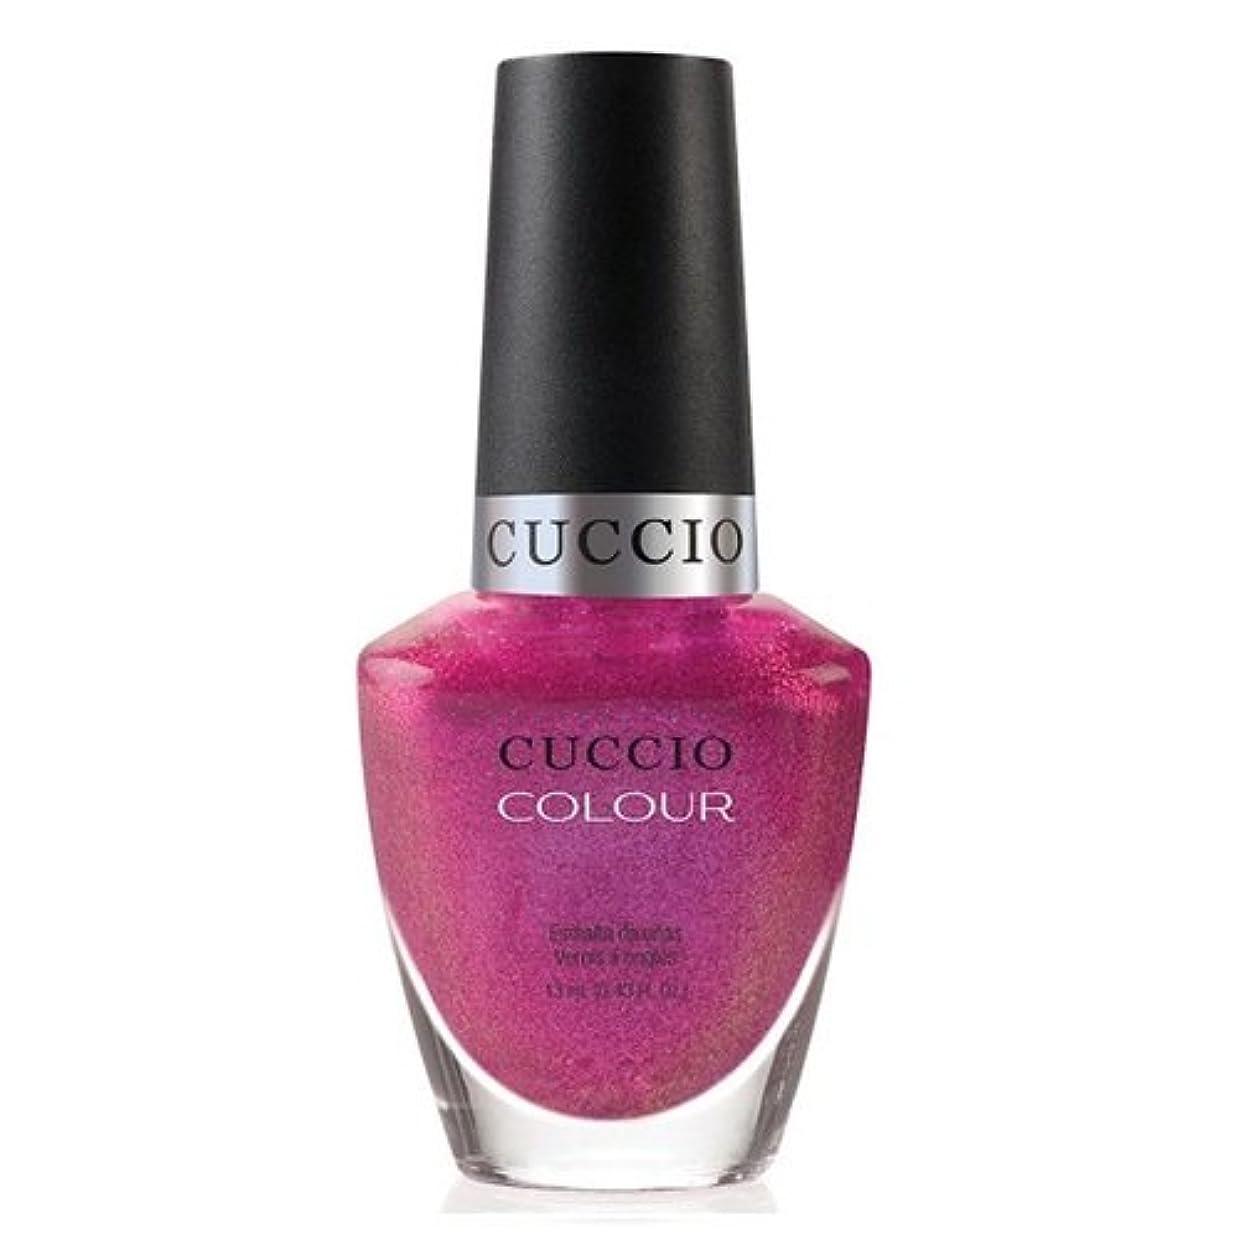 脊椎チラチラするカナダCuccio Colour Gloss Lacquer - Femme Fatale - 0.43oz/13ml